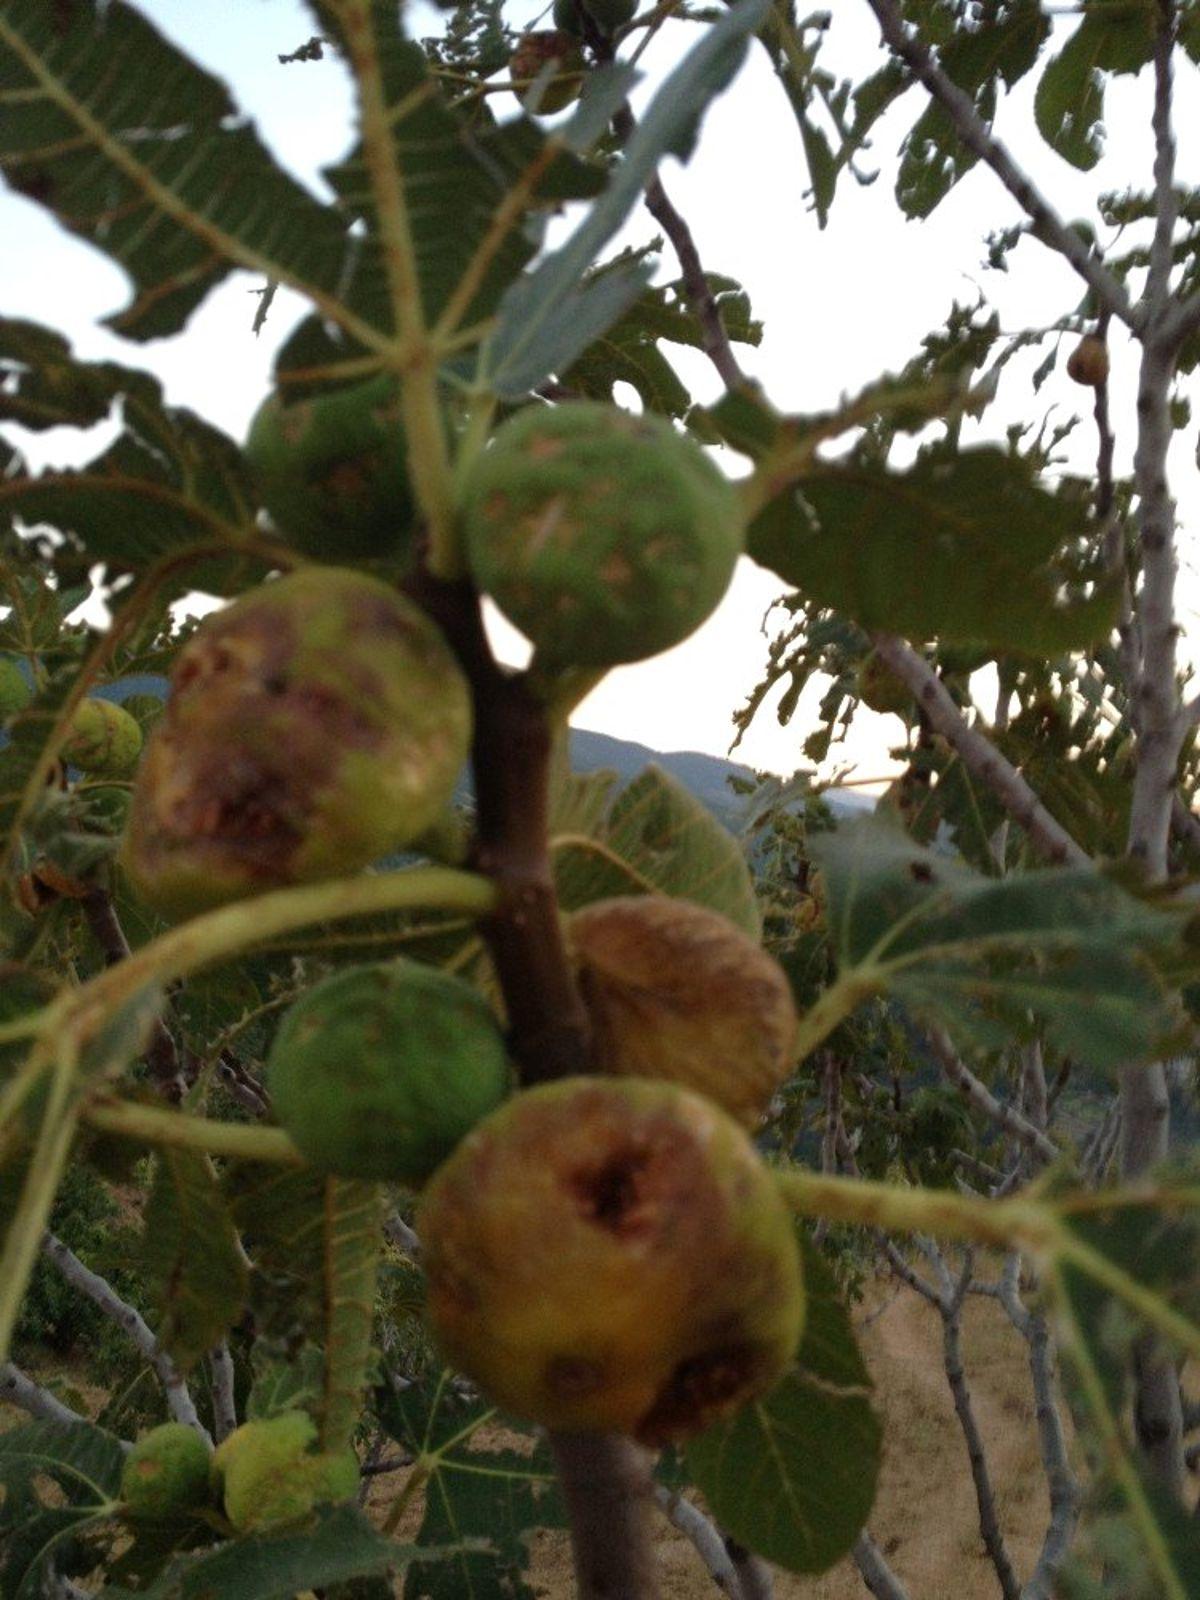 Sert Sigorta'dan Çiftçilere 'Tarsim' Uyarısı